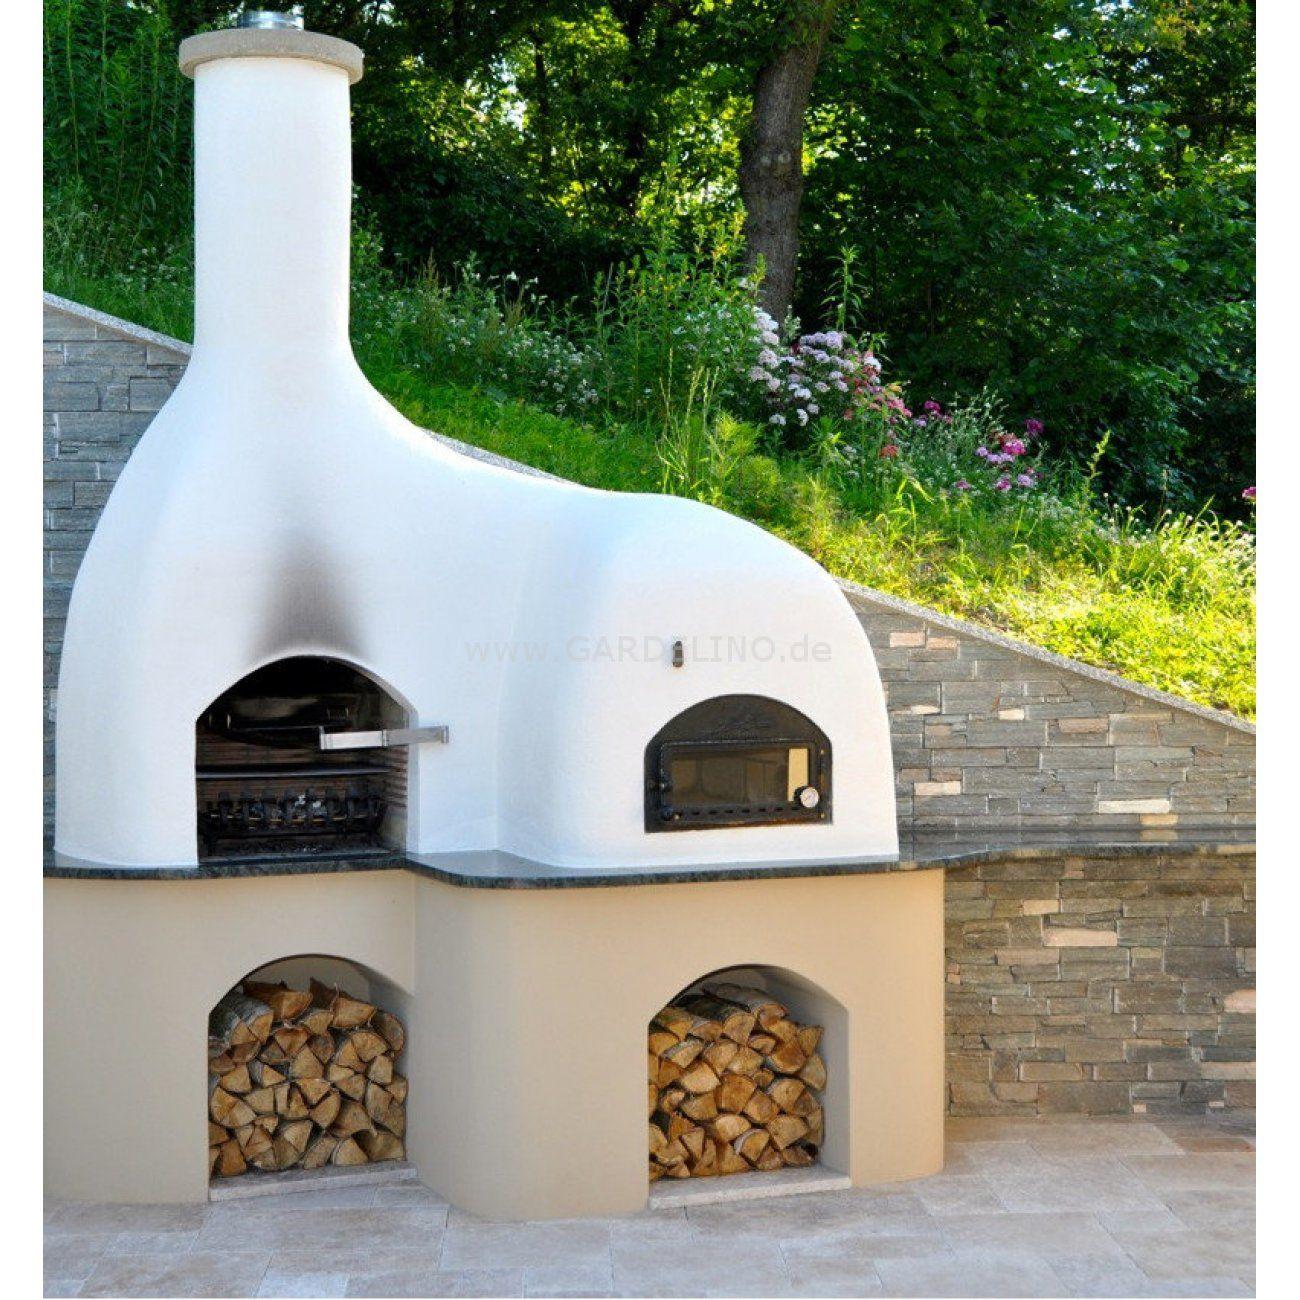 pizzaofen grill - Google-Suche | Pizzaofen Grill Garten | Pinterest ...